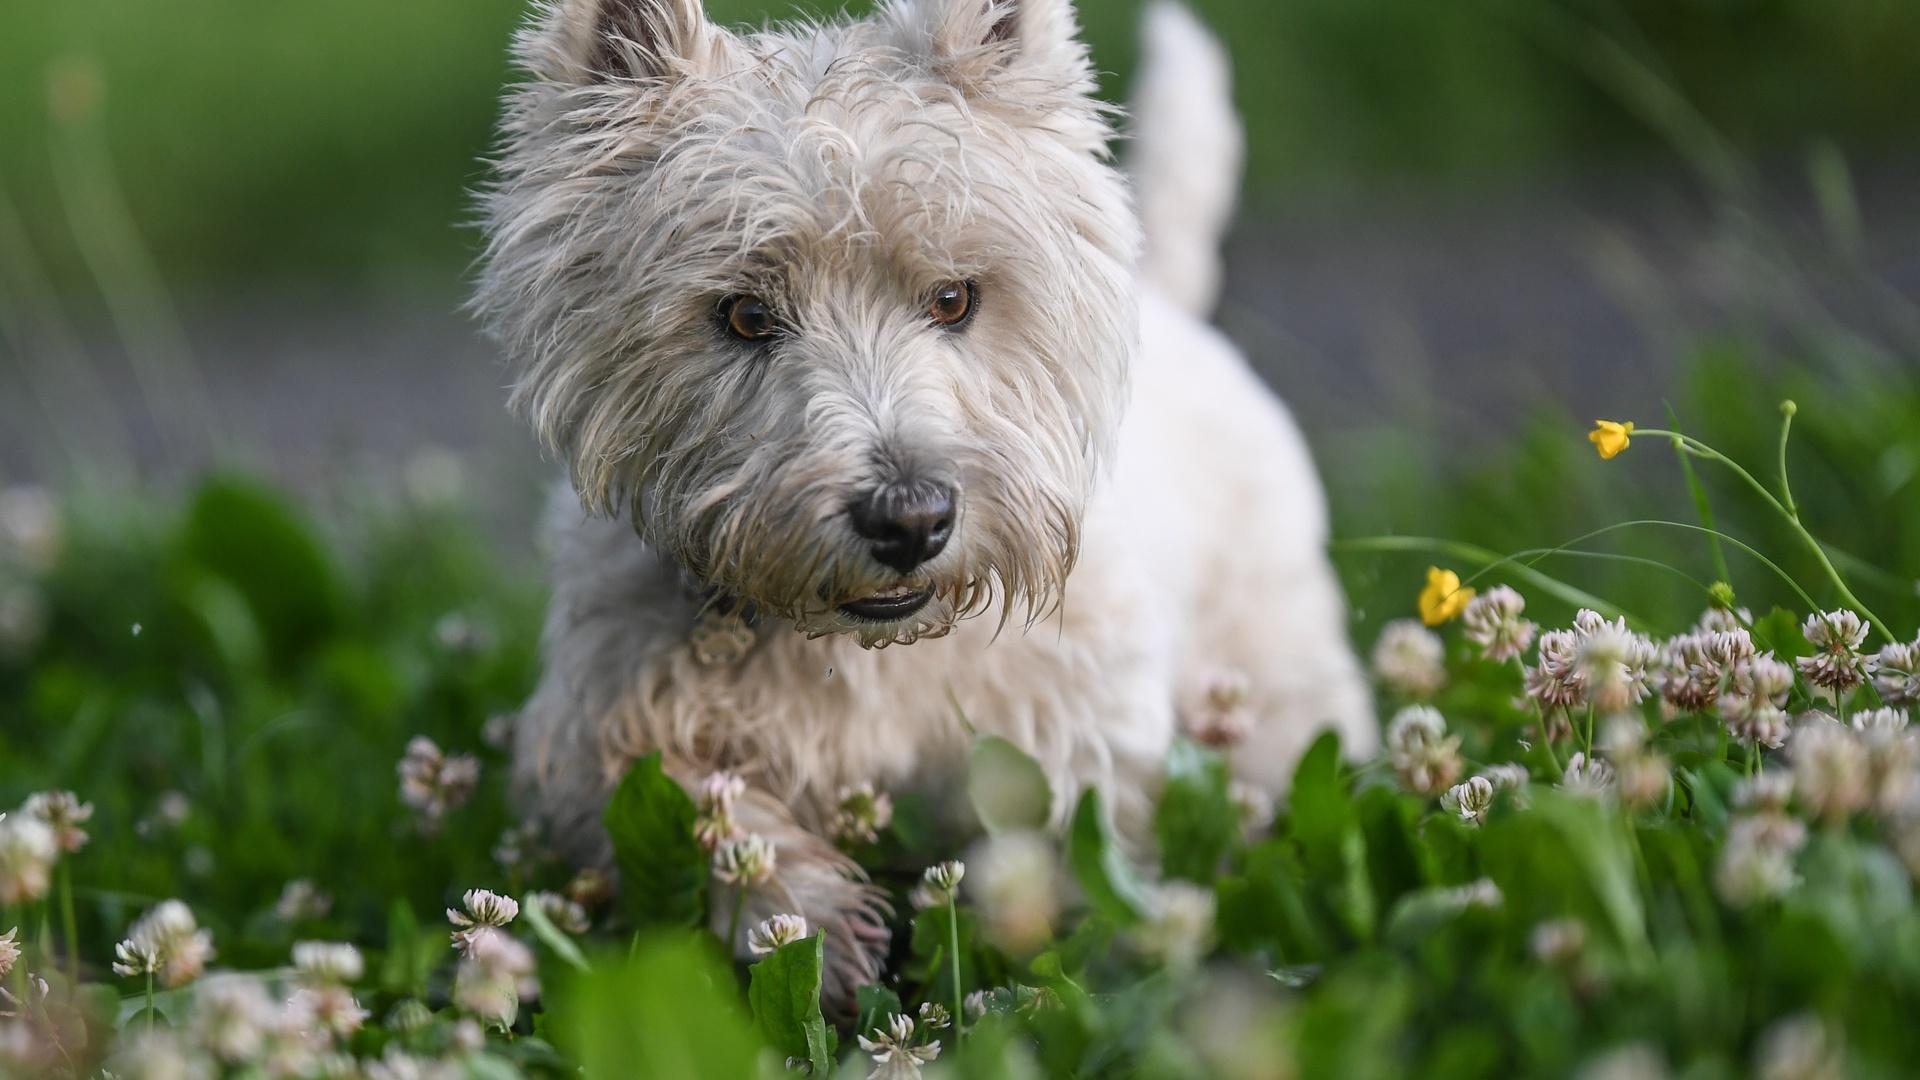 pamela buehler, животное, собака, пёс, природа, трава, цветы, клевер